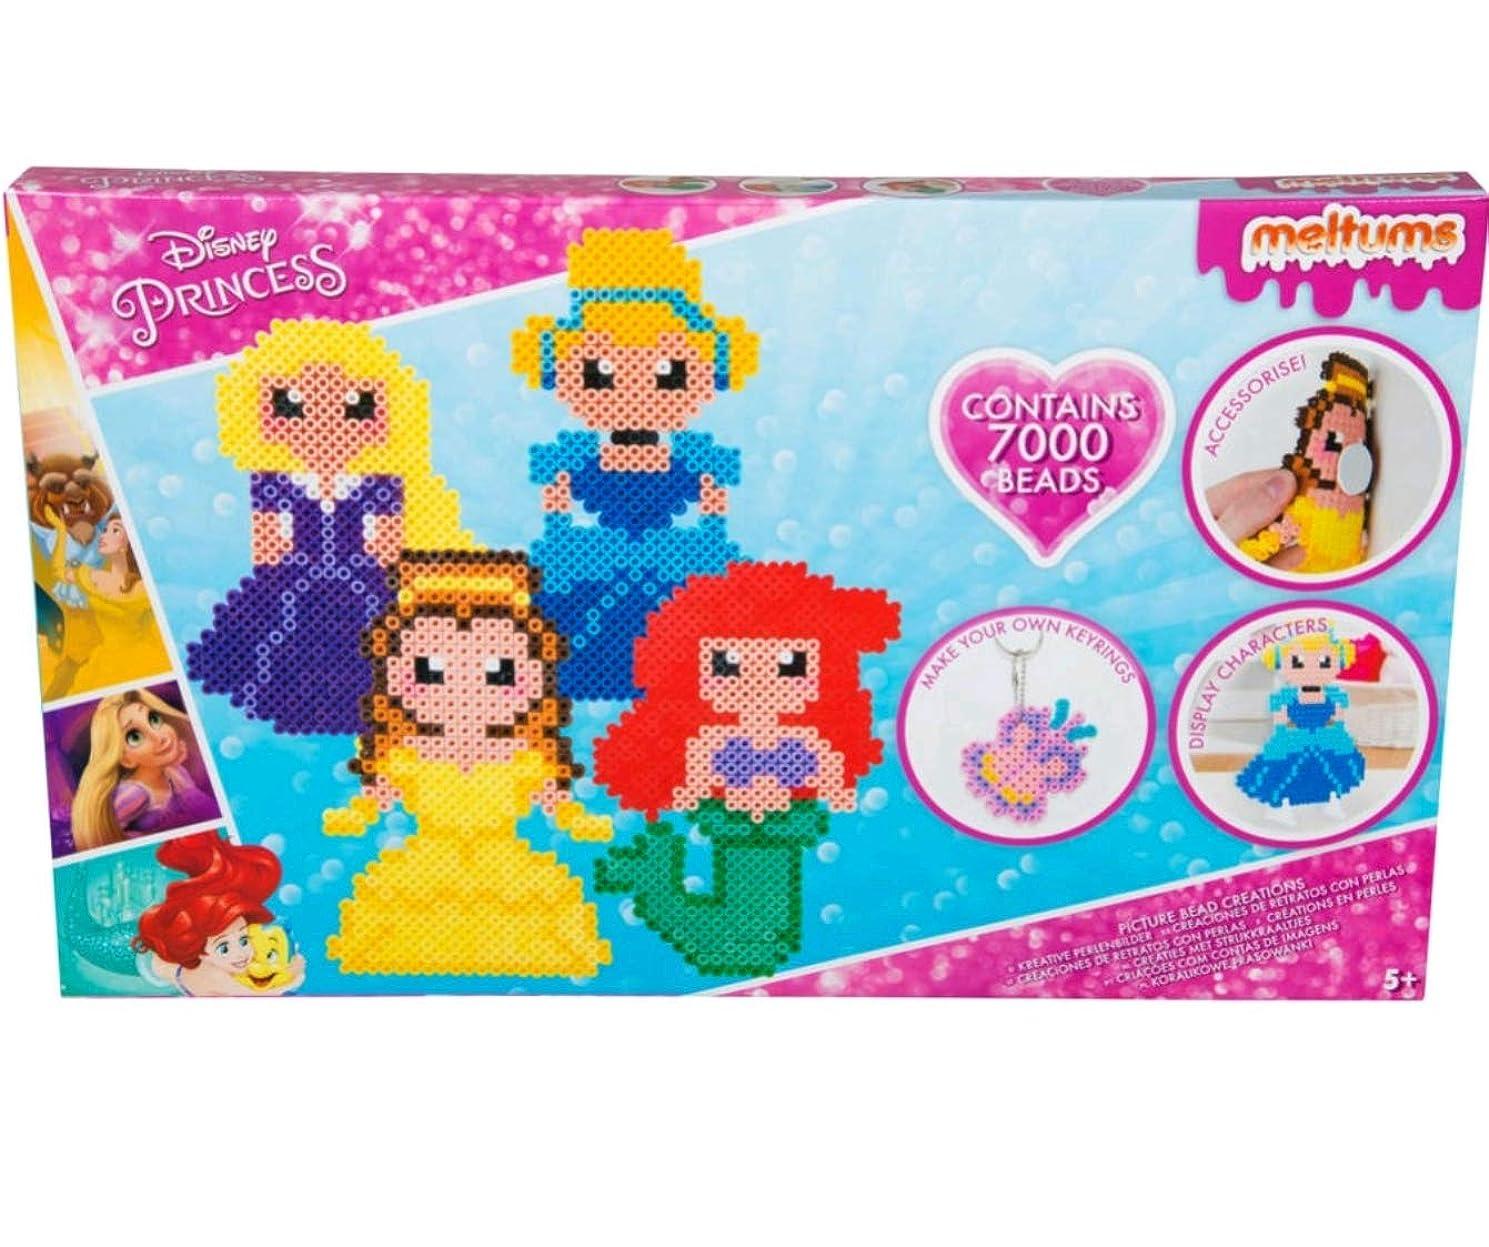 Sambro Set 7000 Disney Princess Casting Beads, Multi-Colour (DFR15-4729)